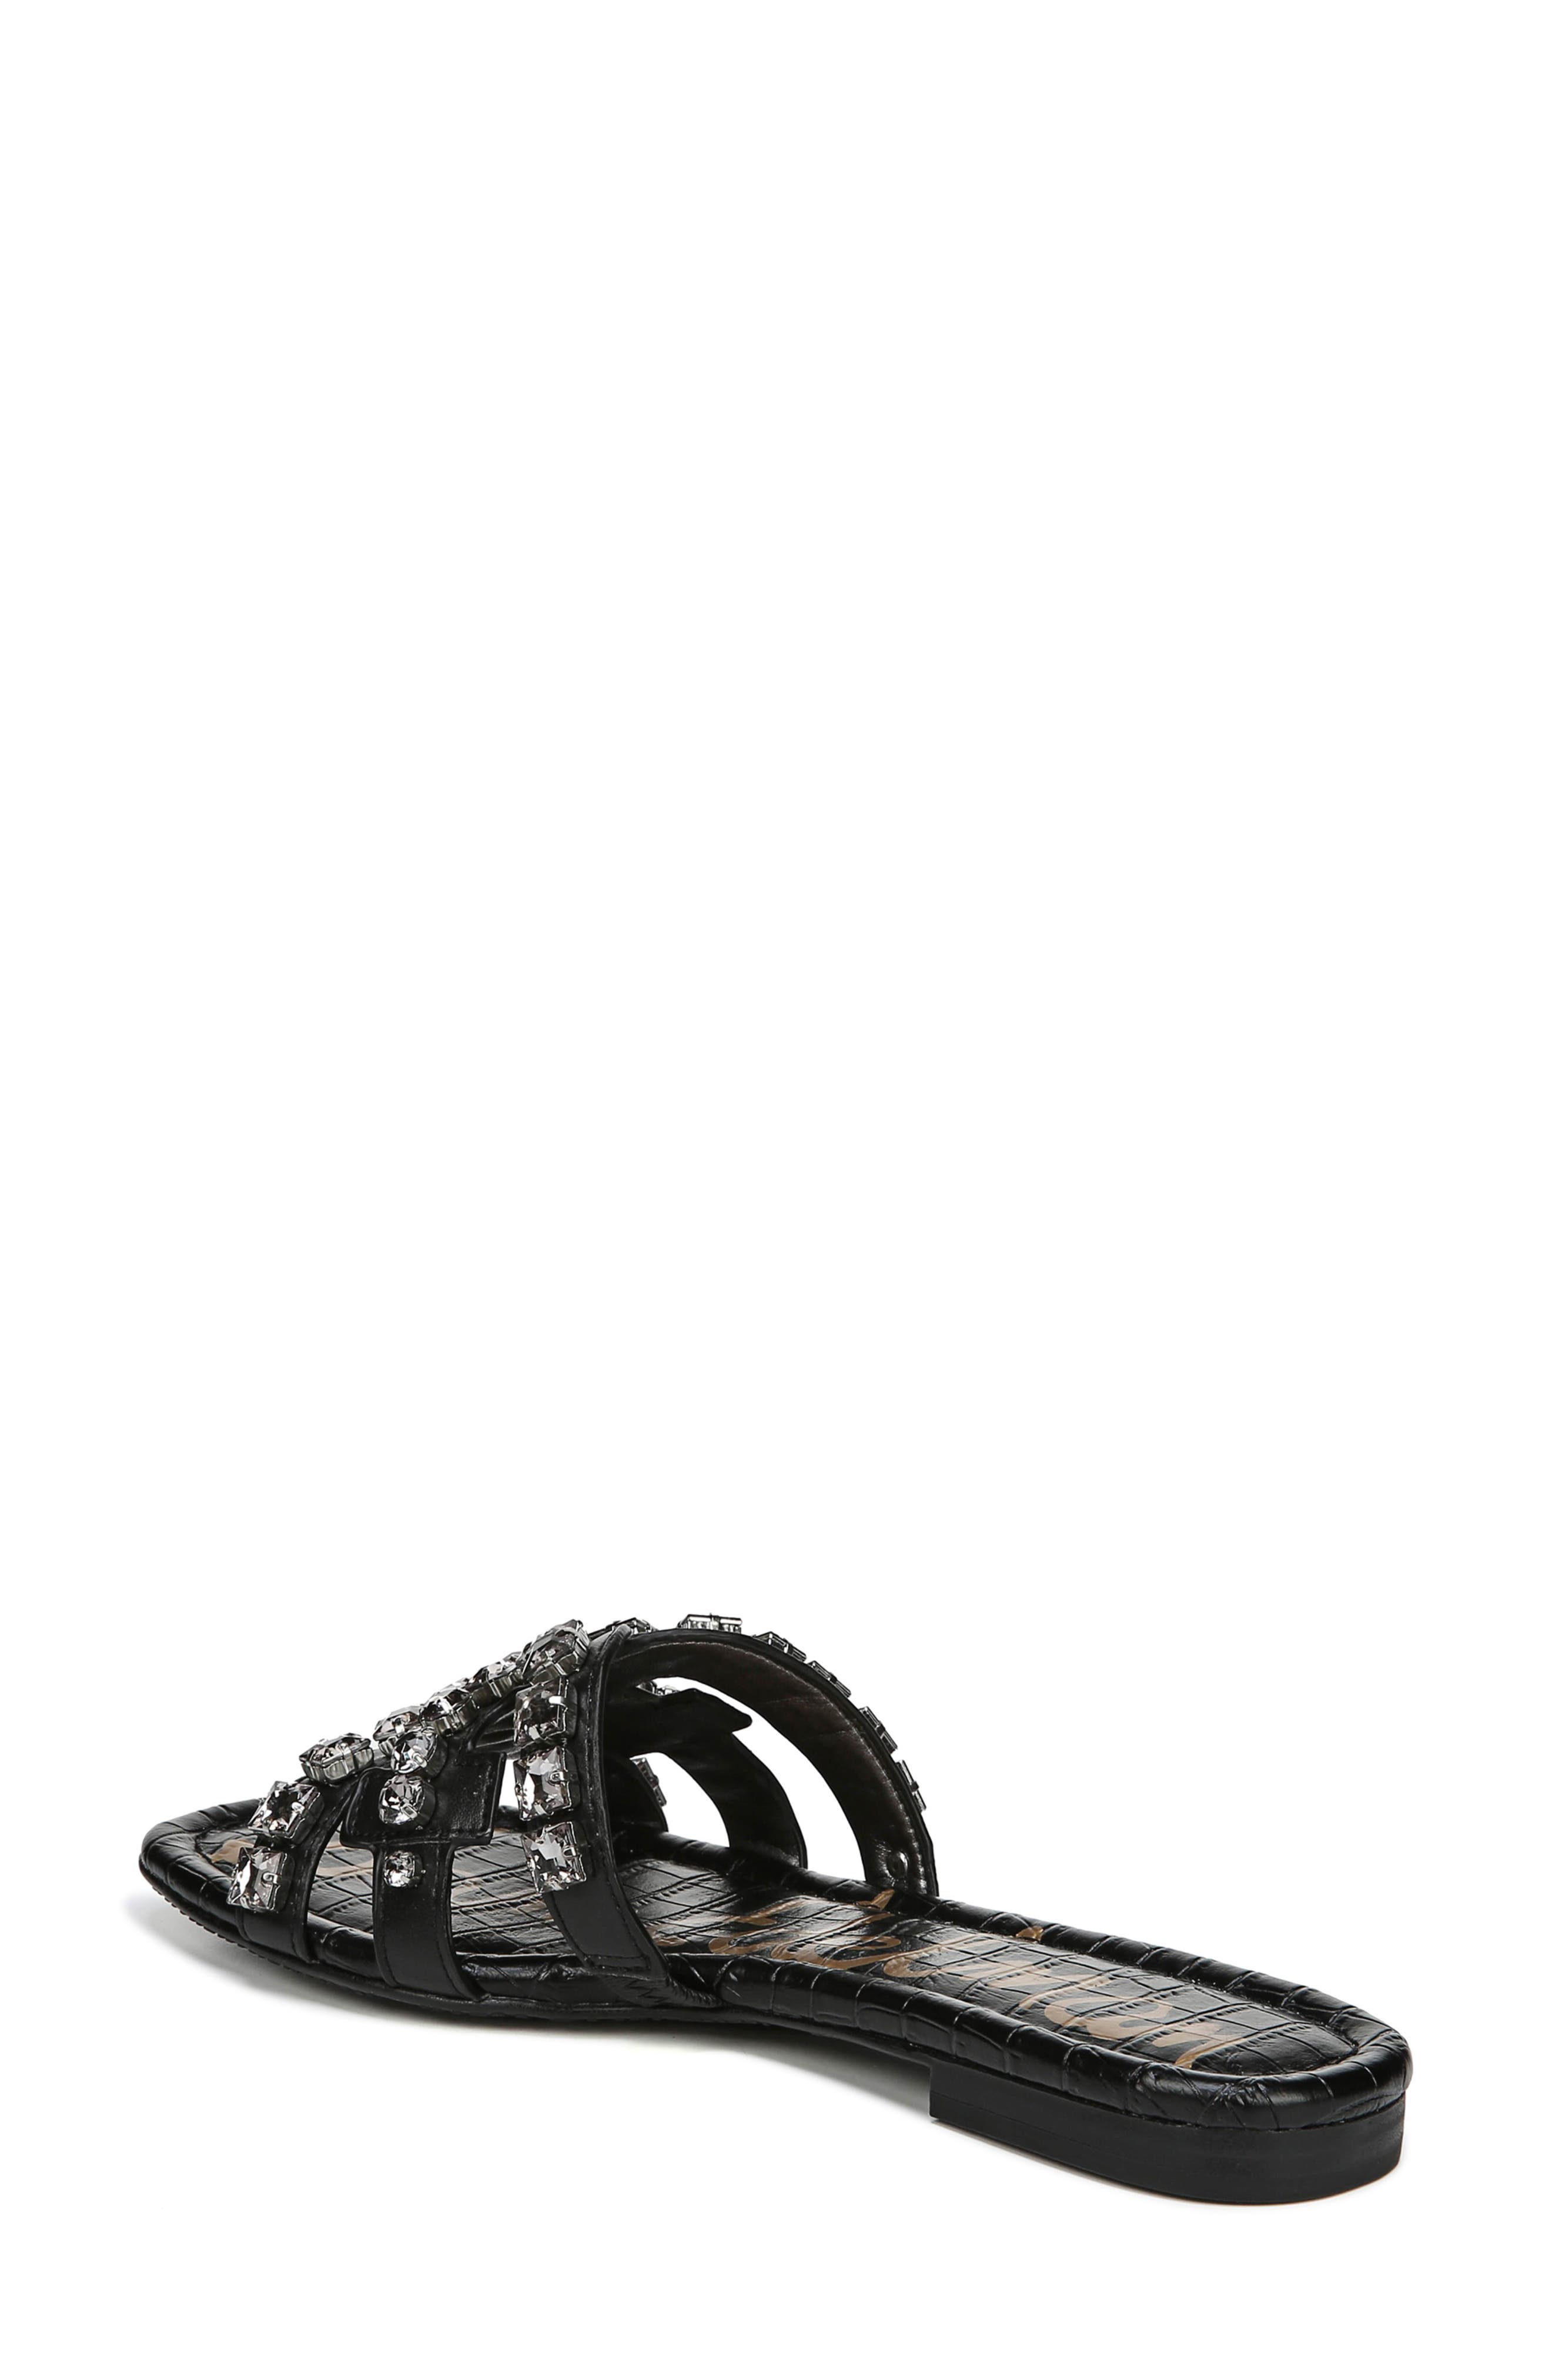 SAM EDELMAN, Bay 2 Embellished Slide Sandal, Alternate thumbnail 2, color, BLACK NAPPA LEATHER